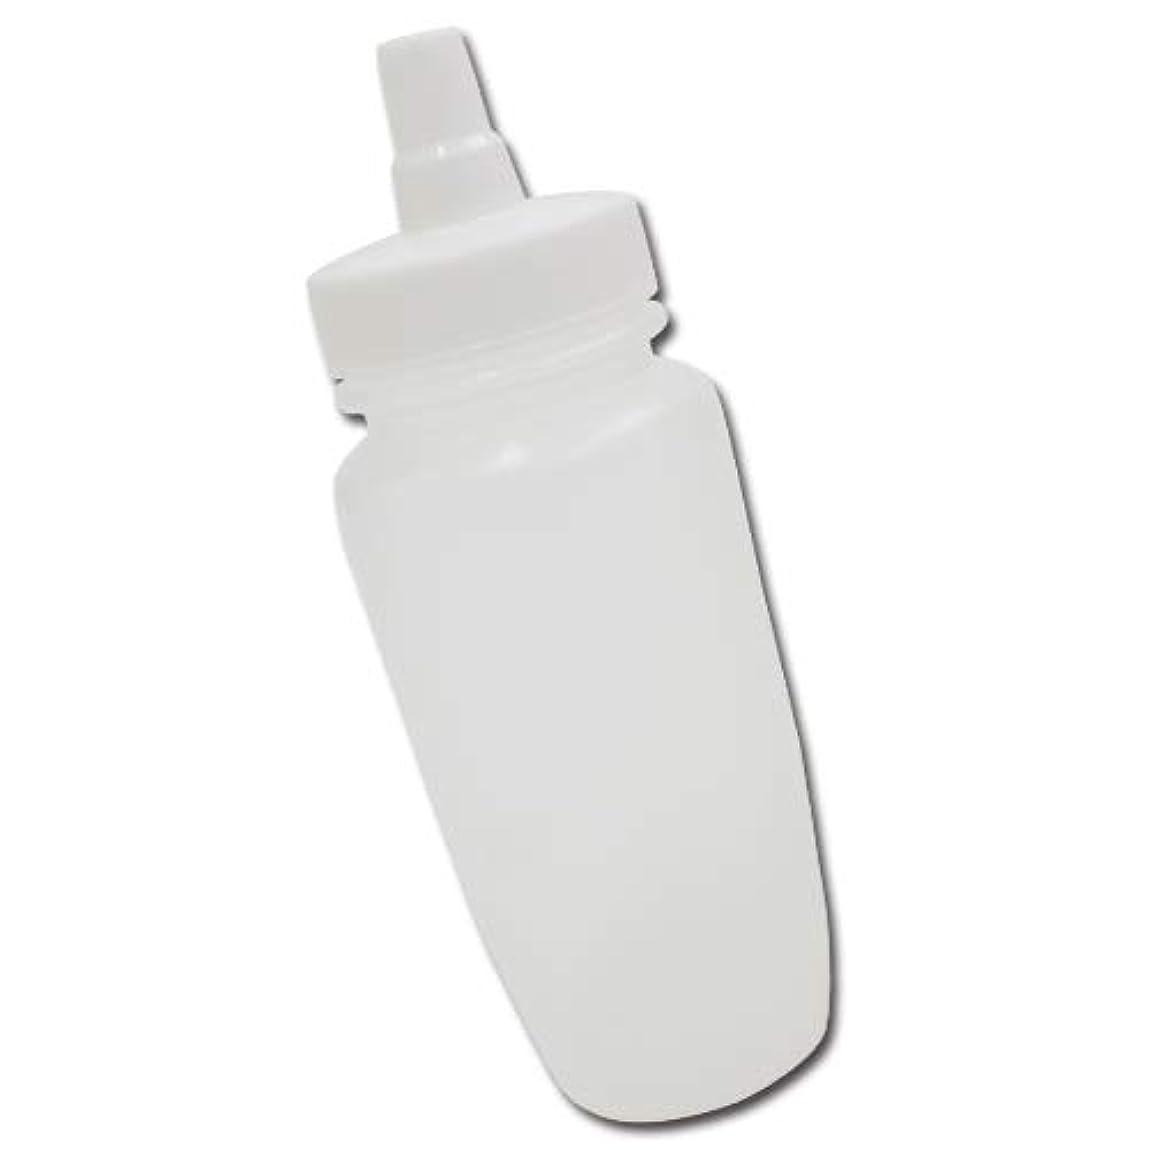 レンジ誘うストライクはちみつ容器180ml(ホワイトキャップ)│業務用ローションや調味料の小分けに詰め替え用ハチミツ容器(蜂蜜容器)はちみつボトル